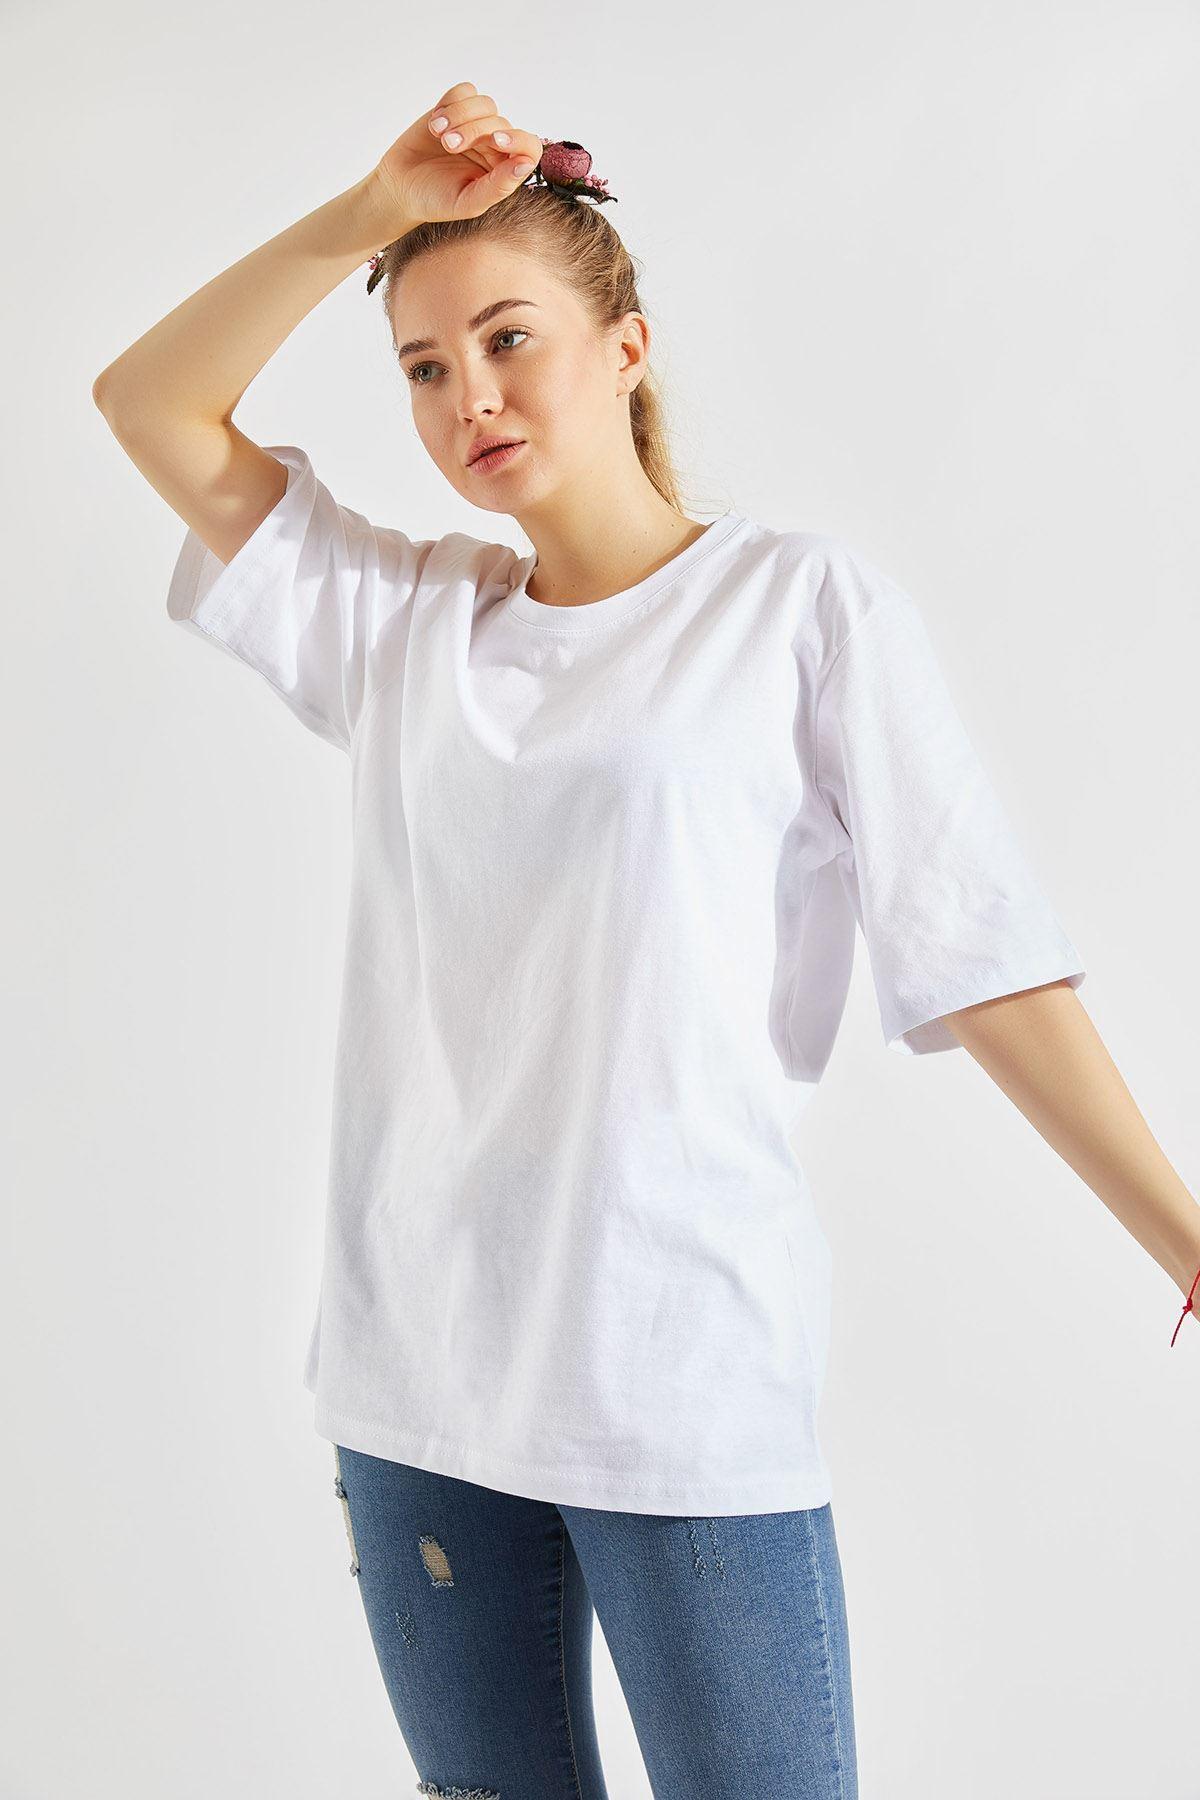 Kadın Oversize Bisiklet Yaka Beyaz Tişört